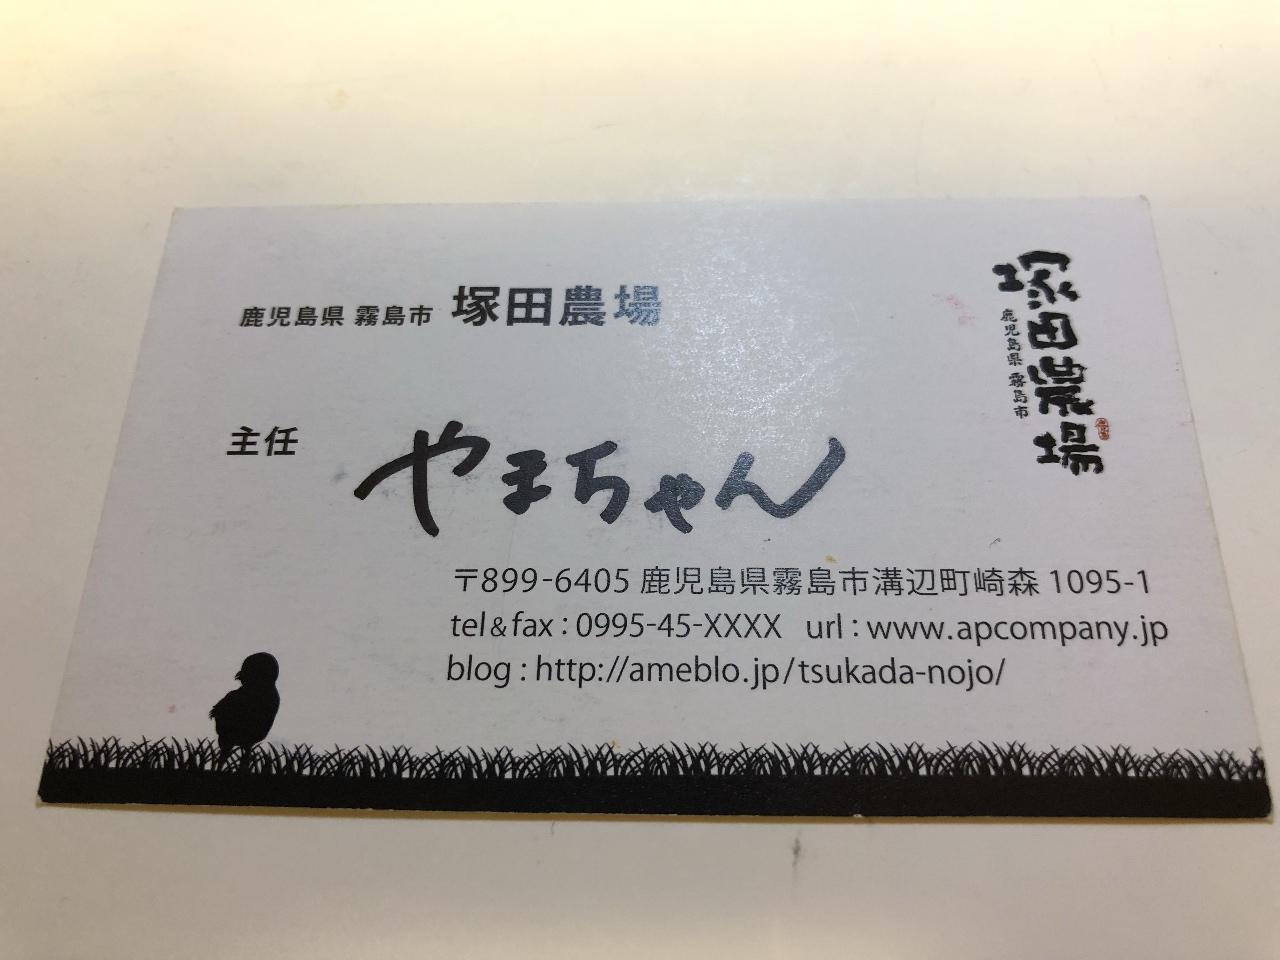 やっと部長になりました。塚田農場の昇進の仕組み